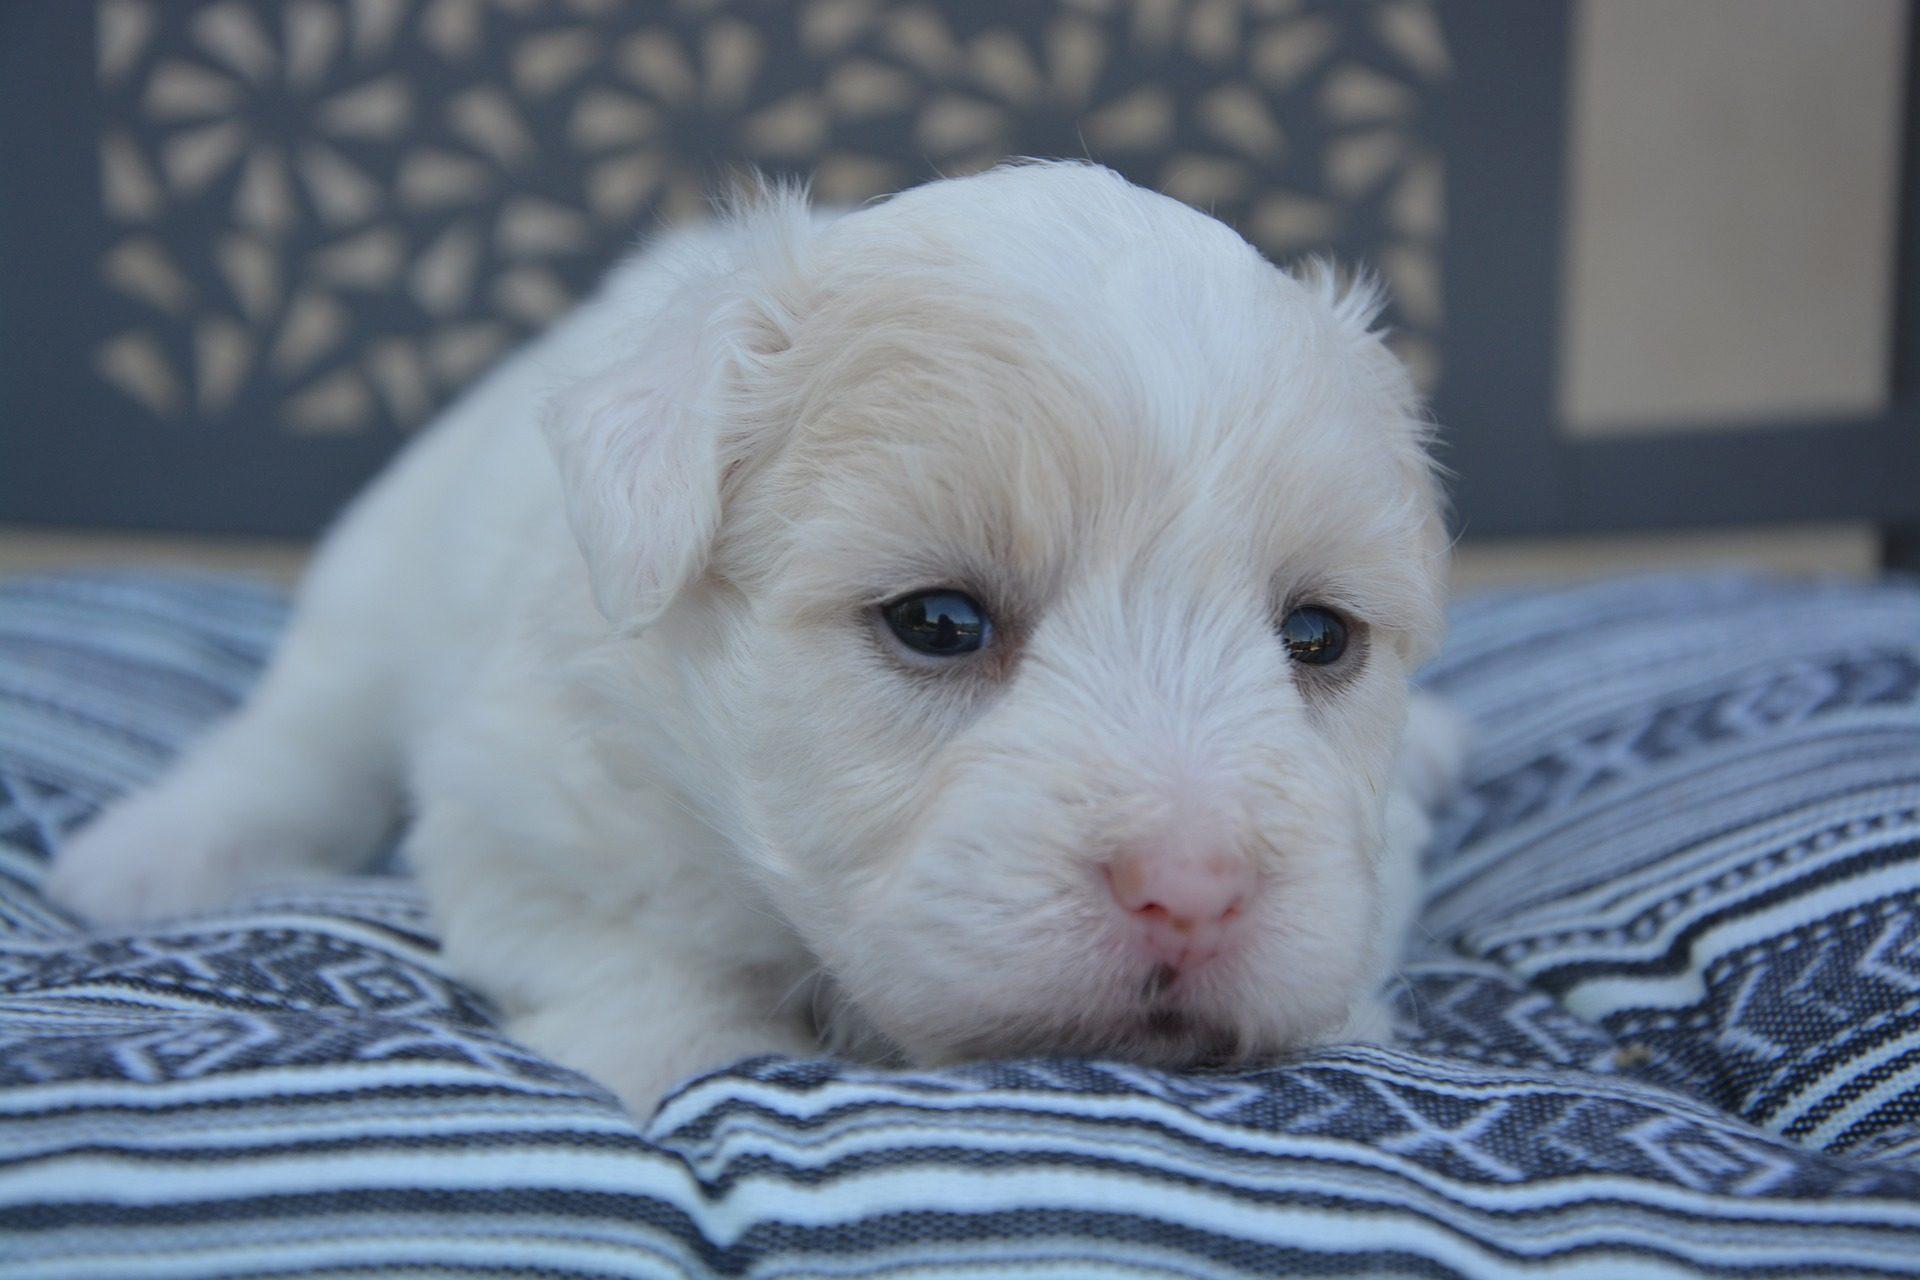 Το κουτάβι, σκύλος, αναπαραγωγής, γούνα, Κοίτα - Wallpapers HD - Professor-falken.com